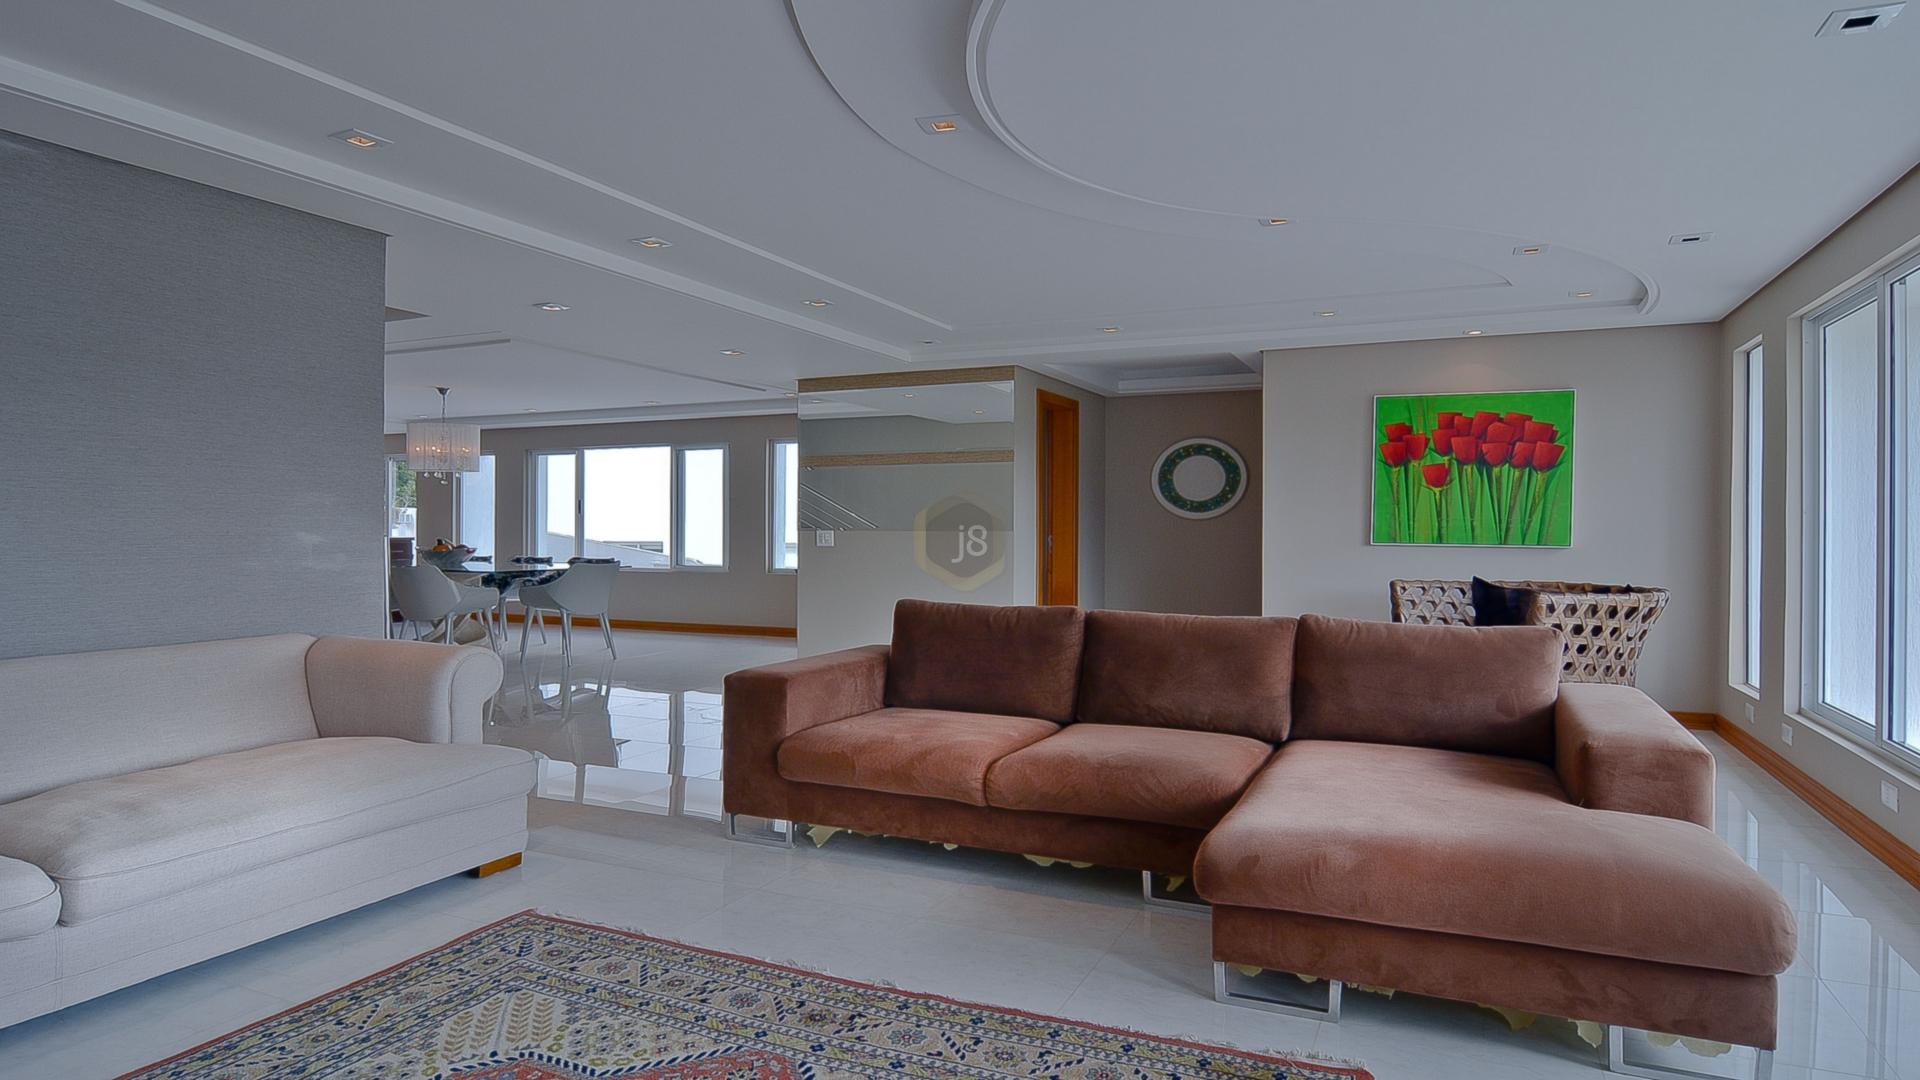 Casa Em Condominio de 4 dormitórios à venda em Tingui, Curitiba - PR